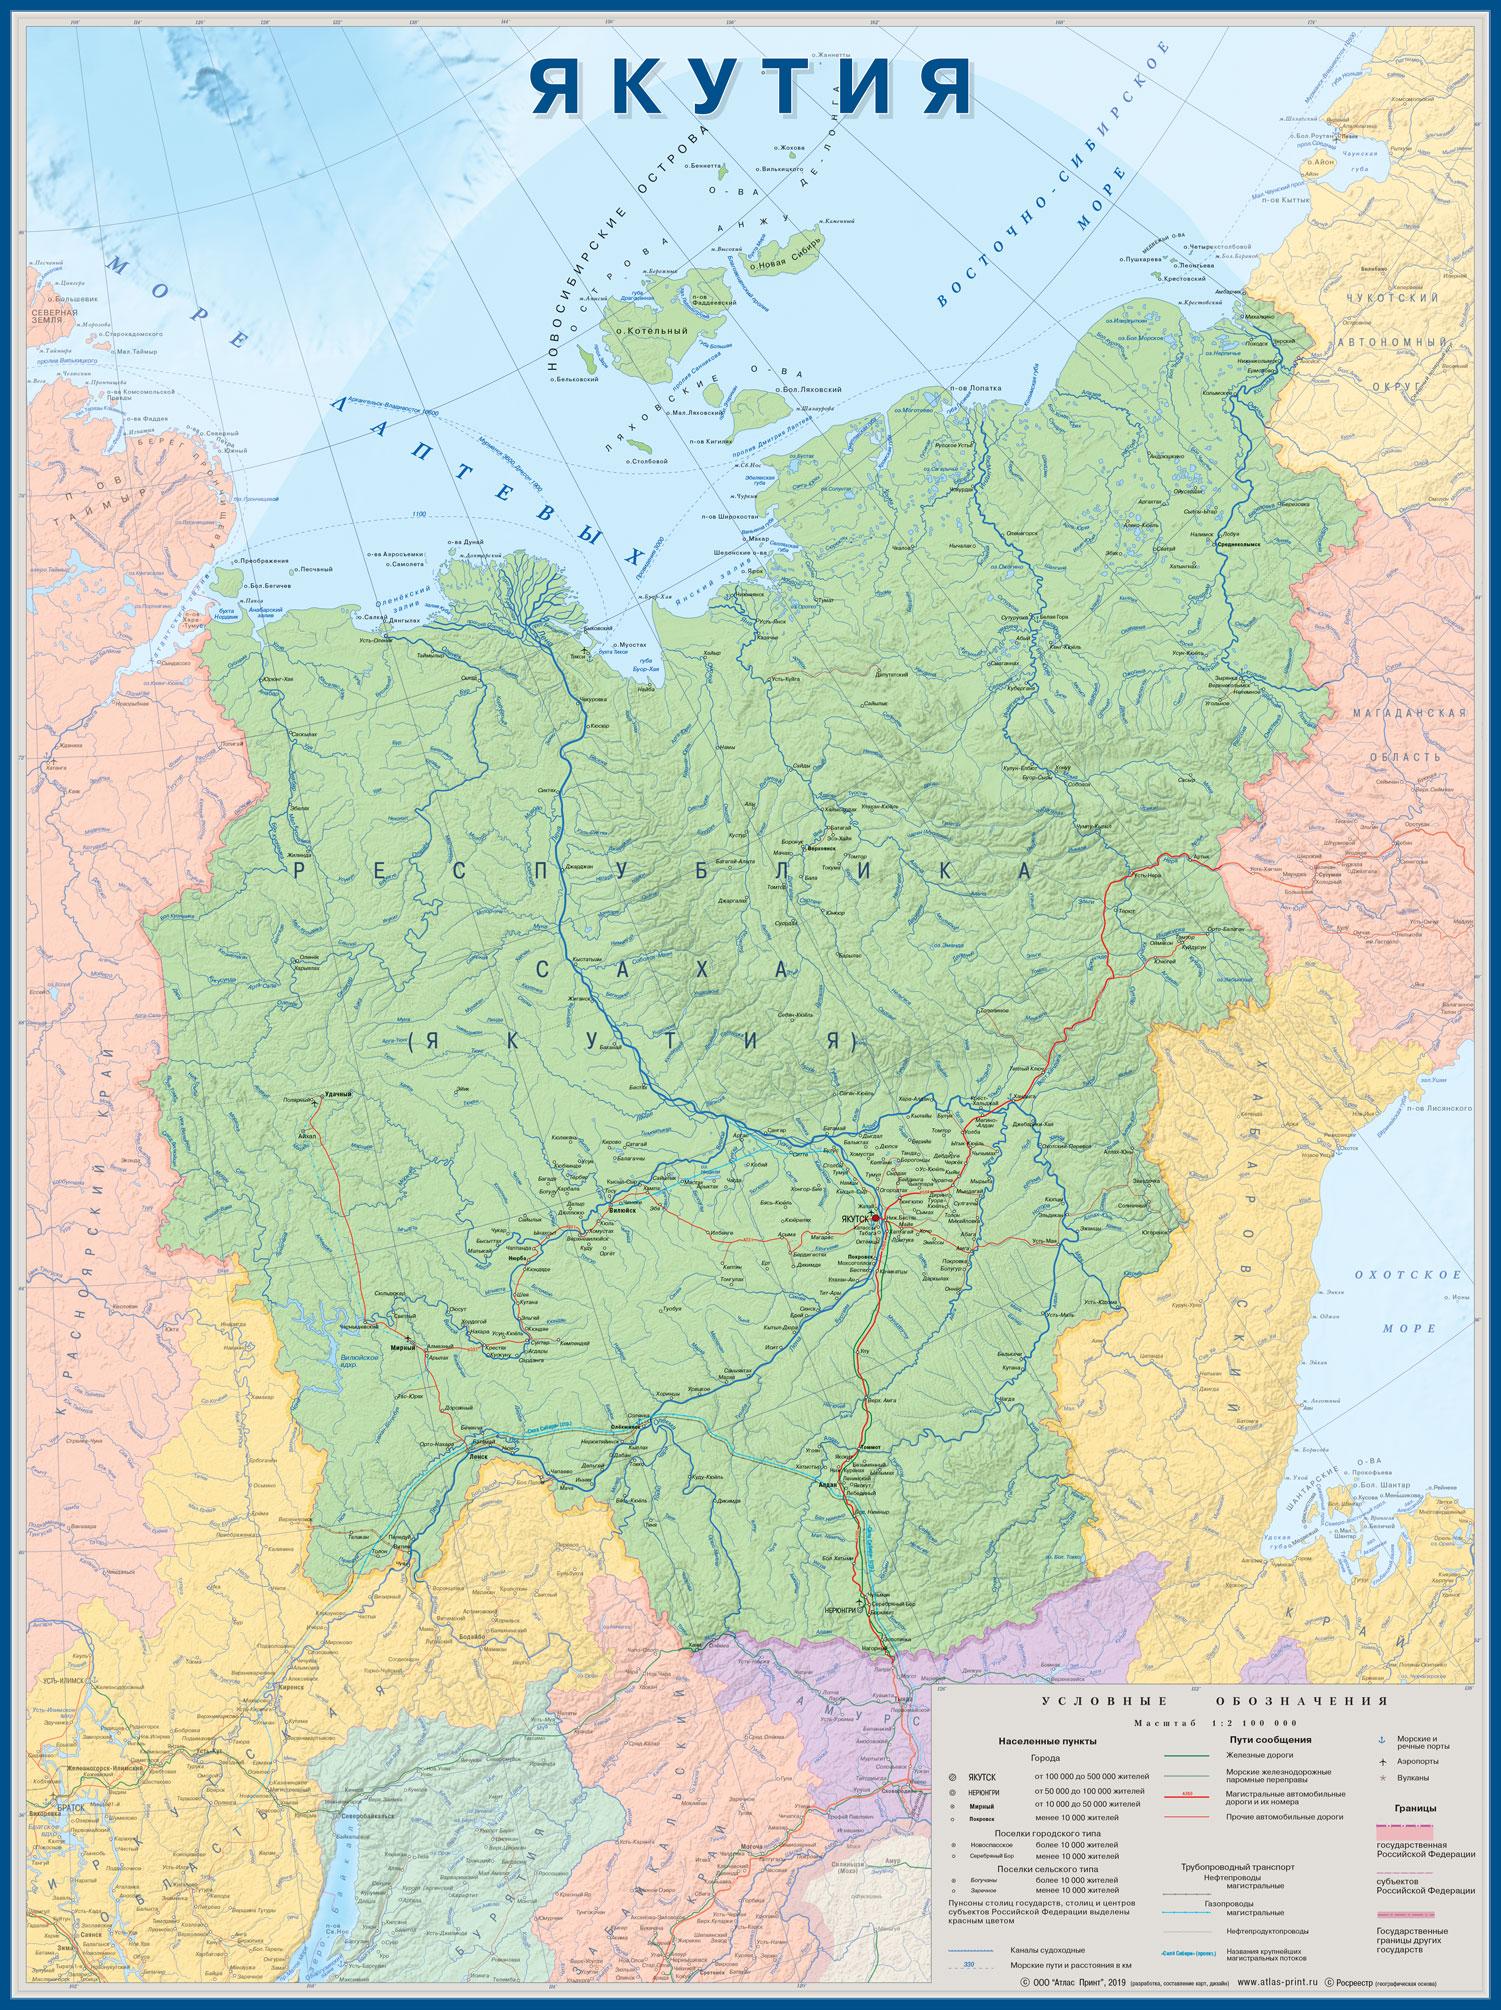 Настенная карта Якутии 1,12*1,50 м, ламинированная